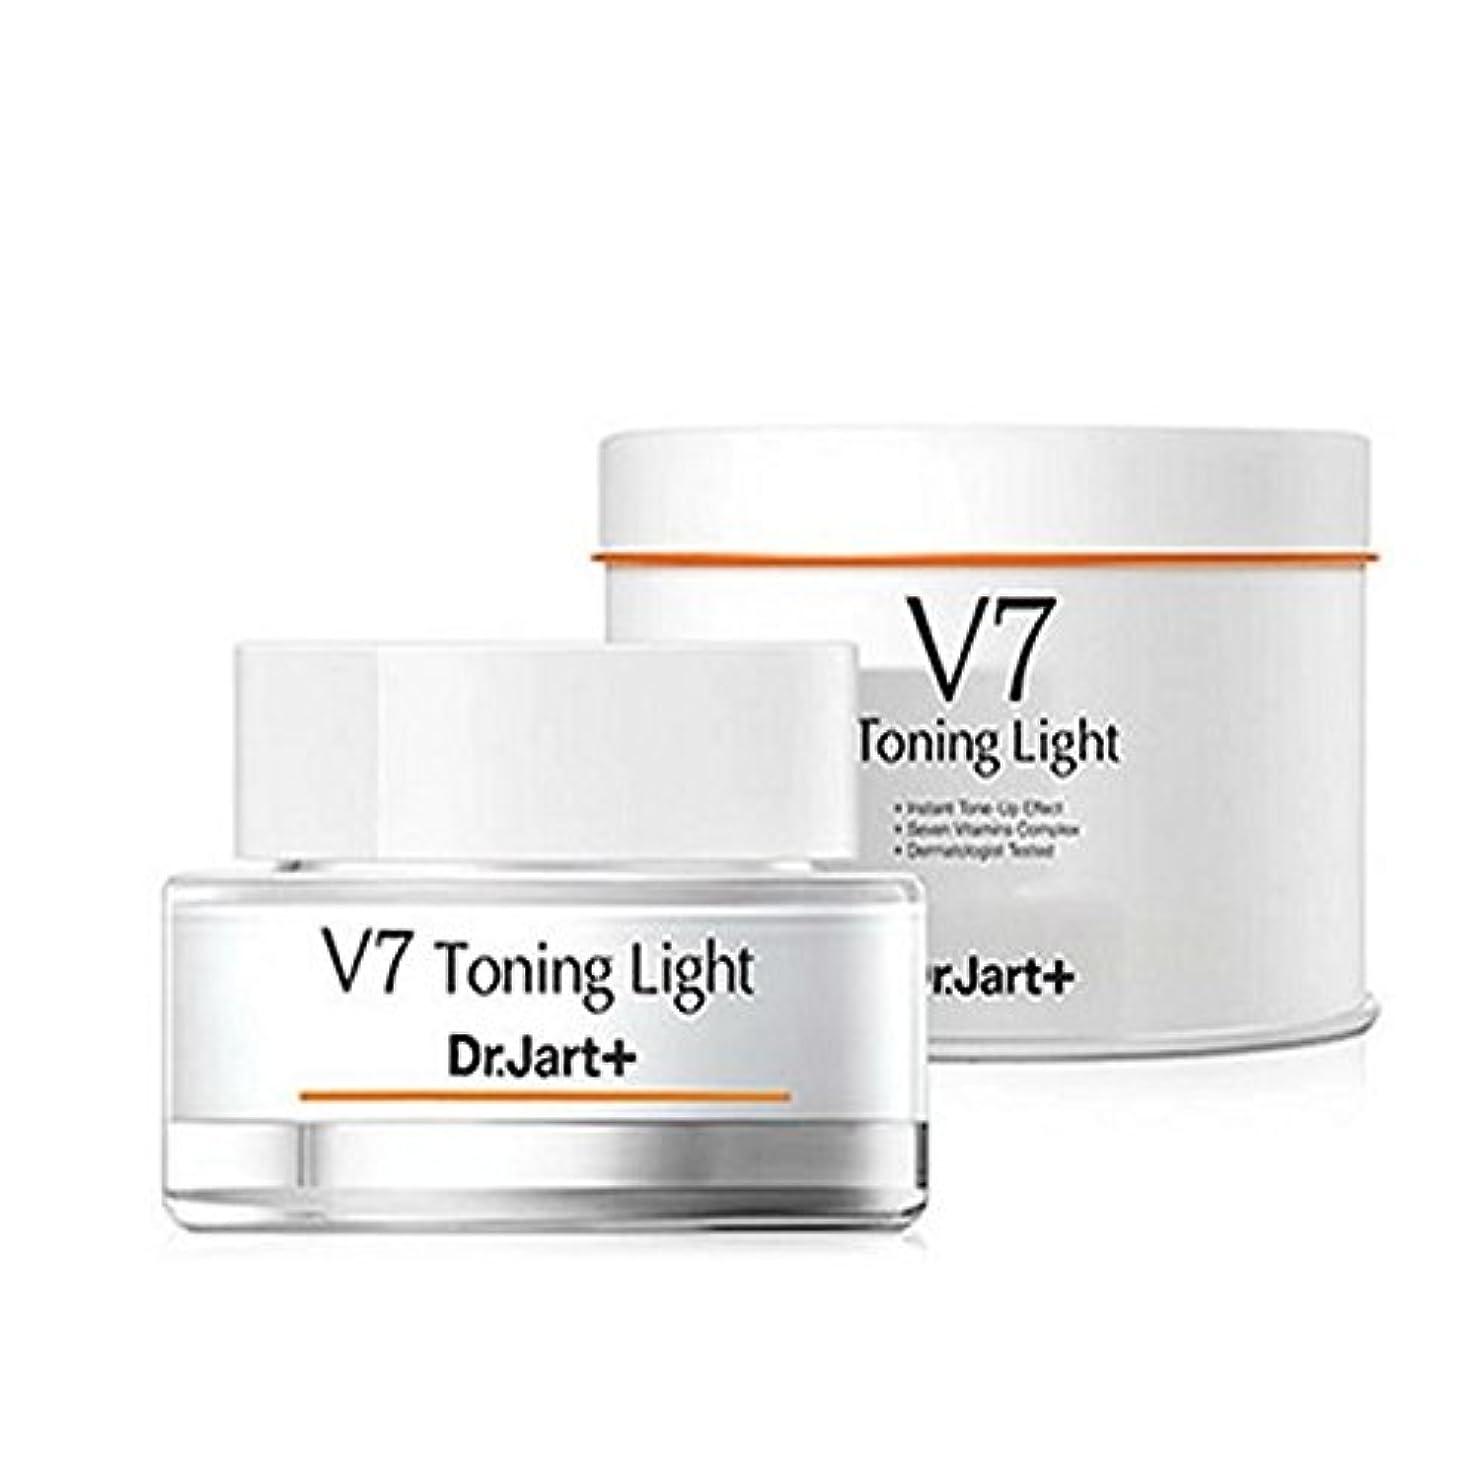 鉱石ブレスキャッシュDr. Jart /ドクタージャルト V7 トーニングライト/V7 Toning Lihgt 50ml/100% Authentic direct from Korea [並行輸入品]